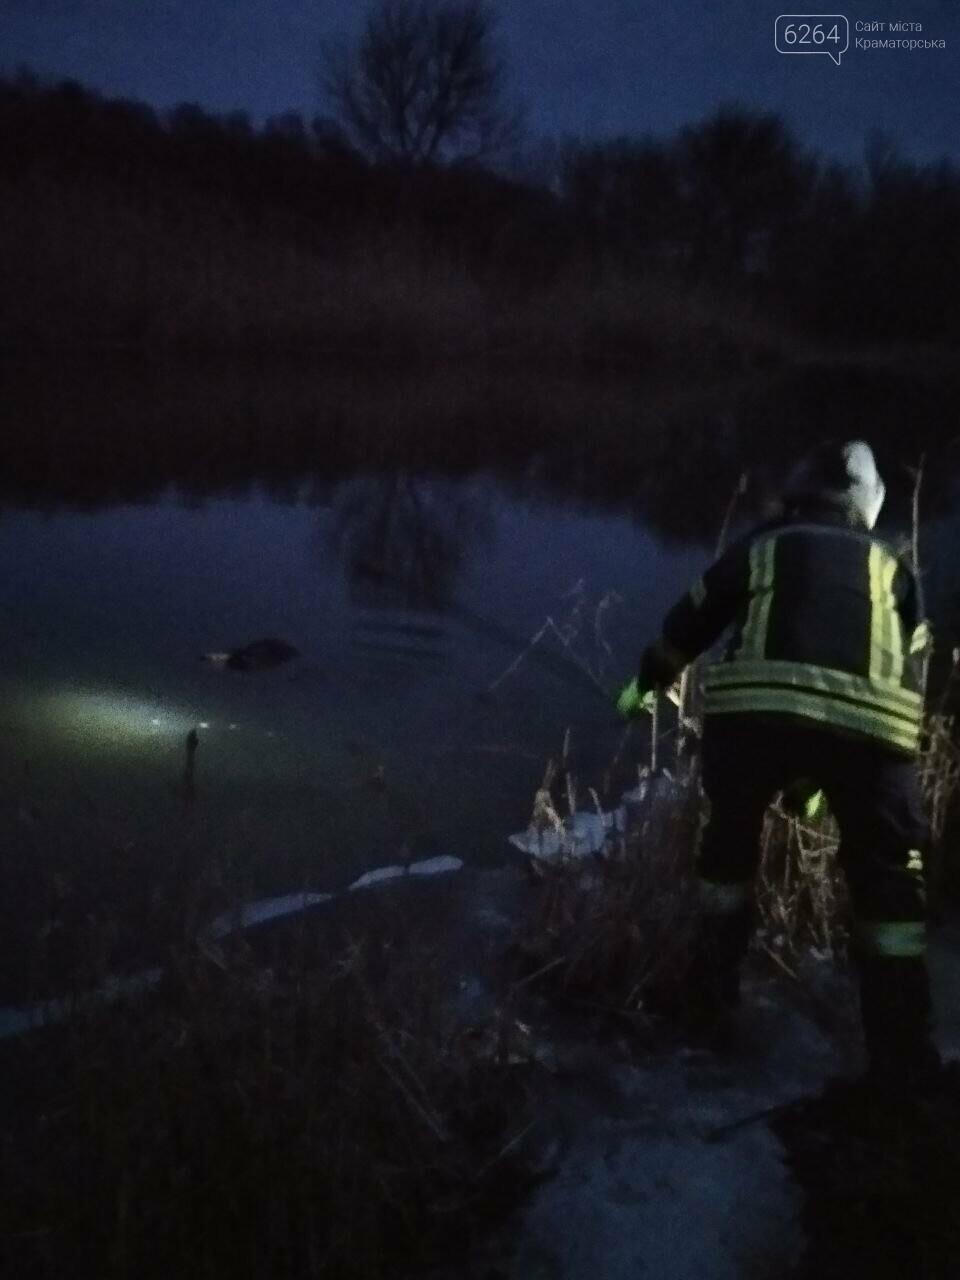 В Краматорске из реки Казенный Торец извлекли тело утонувшего мужчины, фото-2